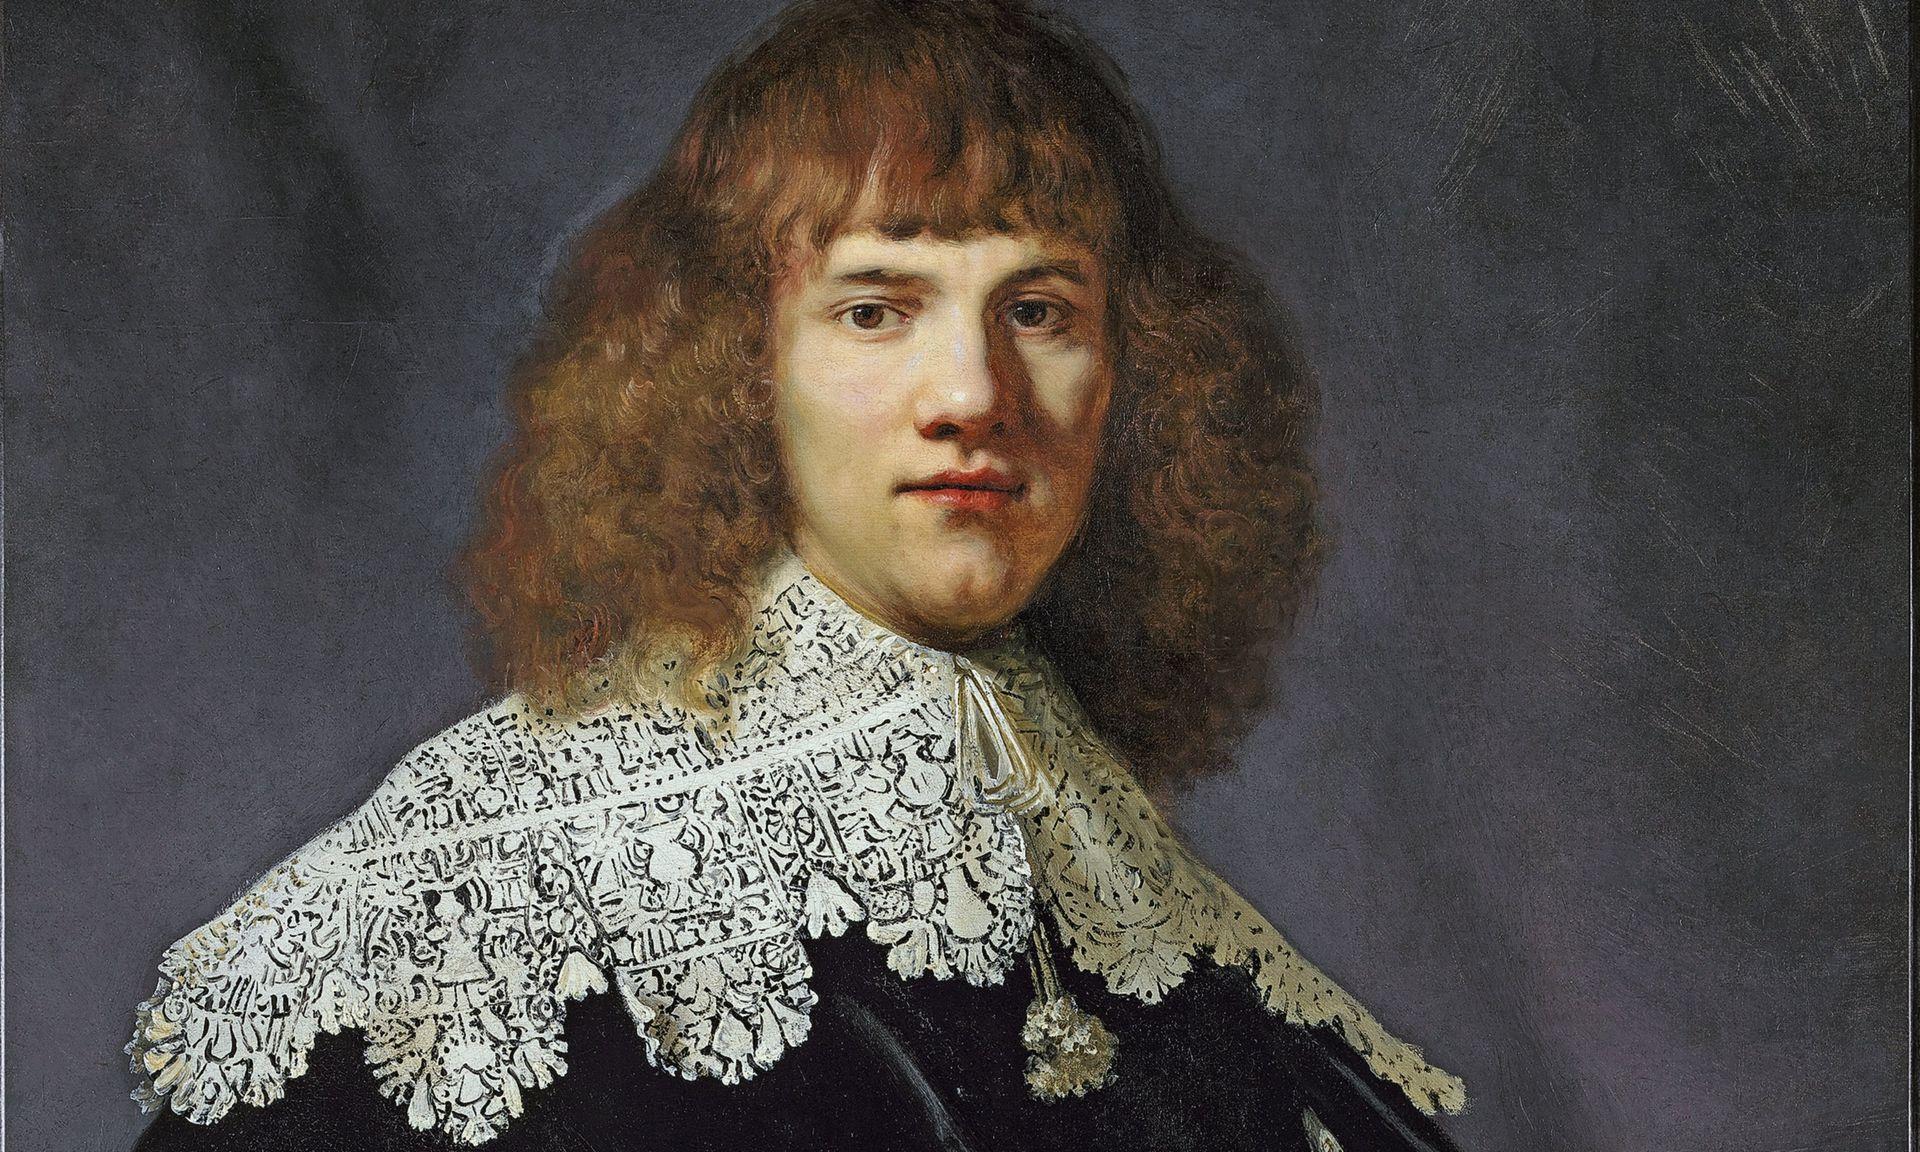 В Нидерландах обнаружена неизвестная картина Рембрандта.Вокруг Света. Украина